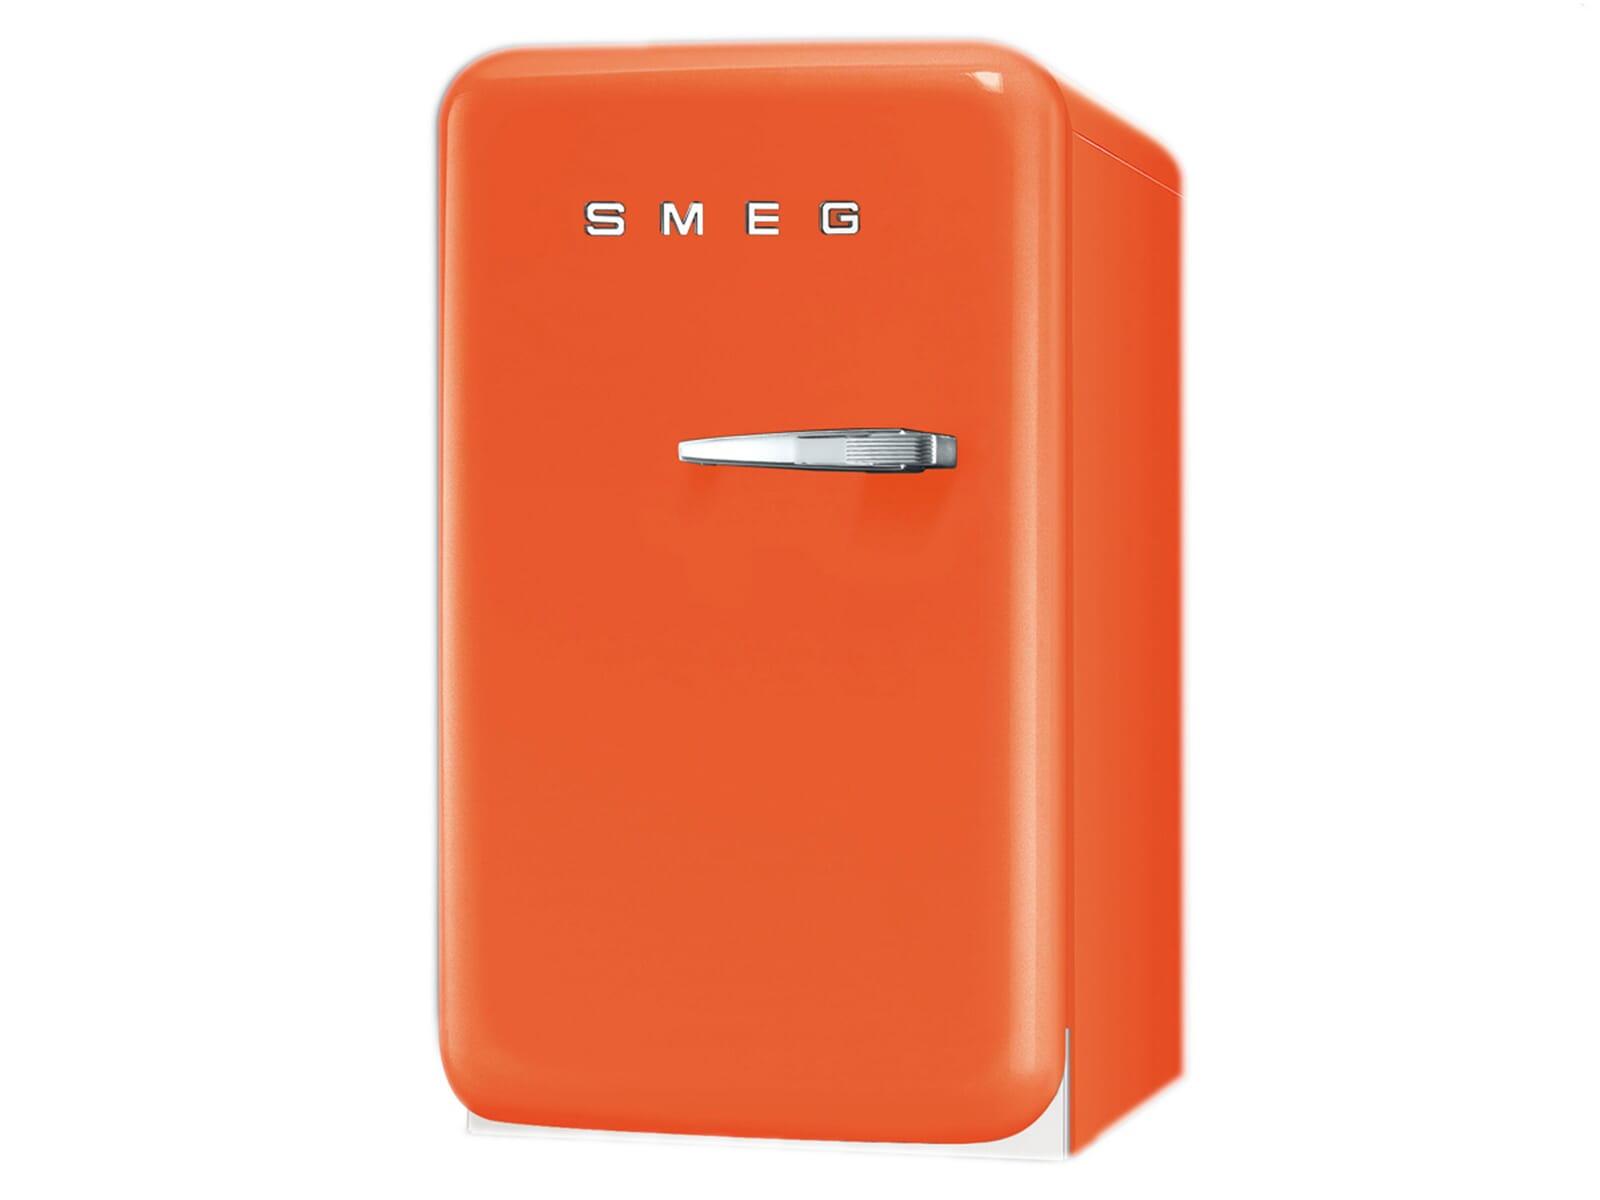 Smeg Kühlschrank Gewinnen : Smeg fab lo stand kühlschrank orange